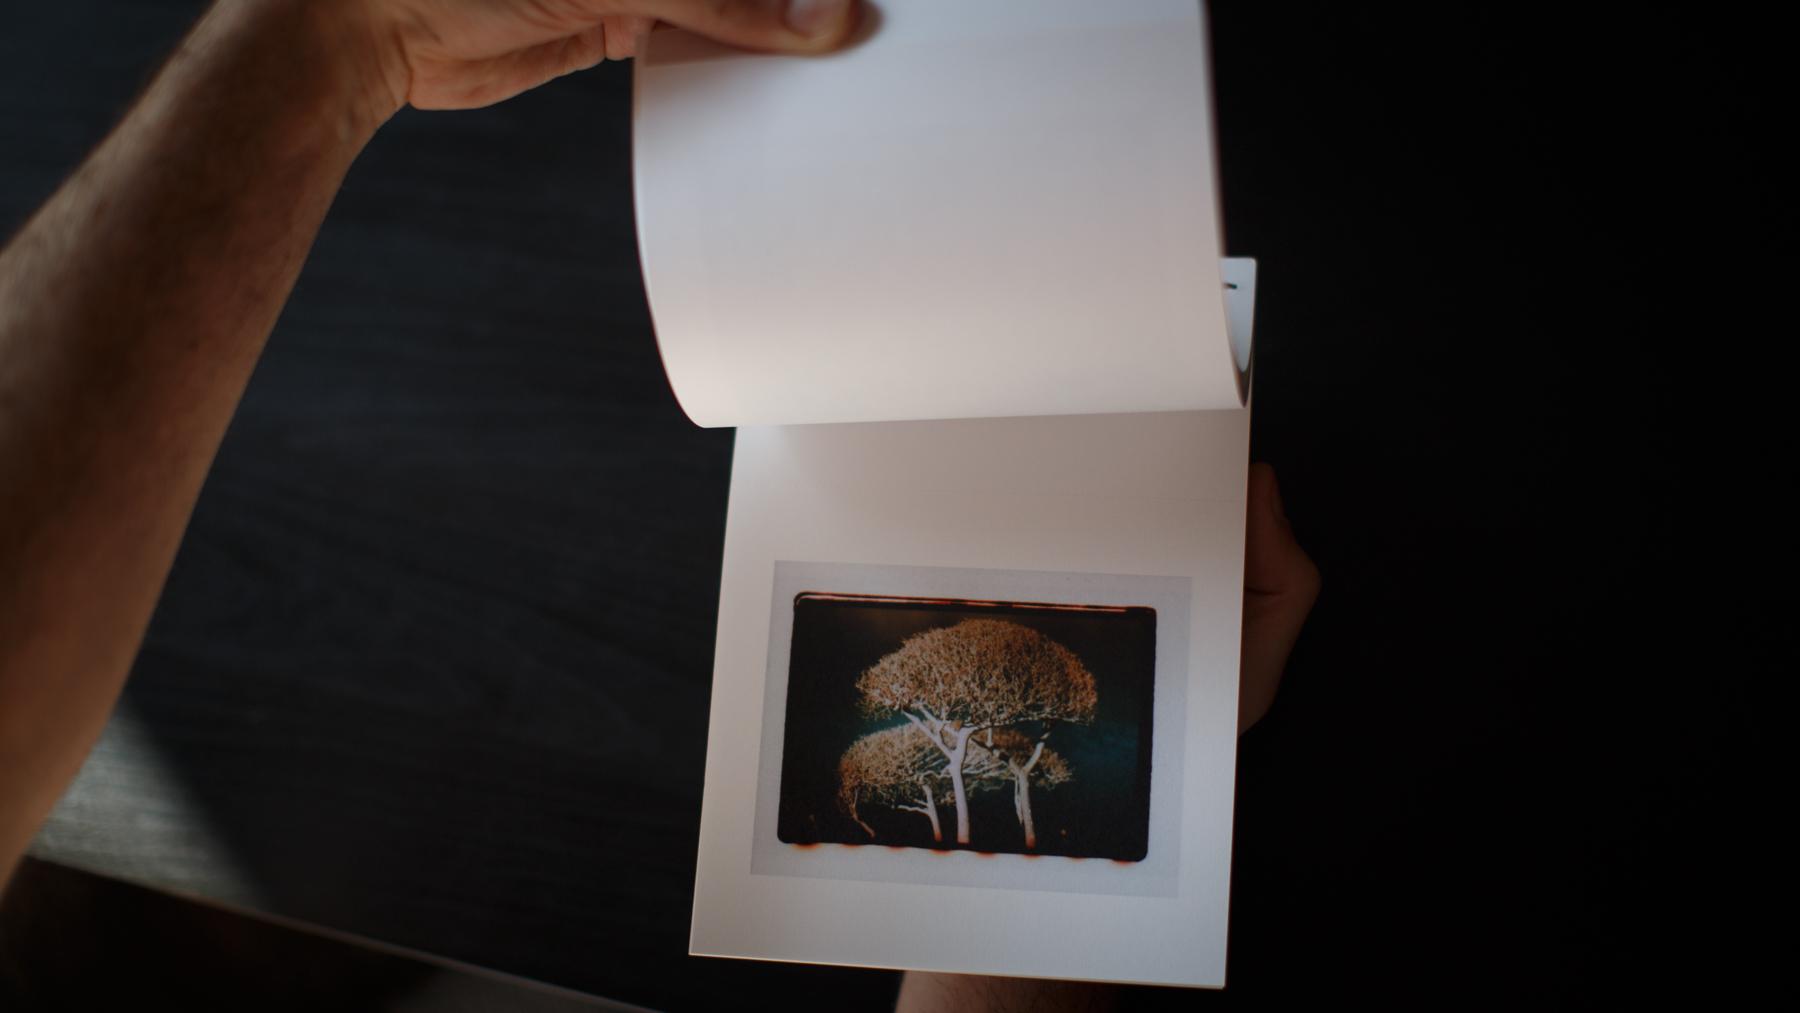 livro_ponte_dourada_sobre_rio_noturno-18.jpg